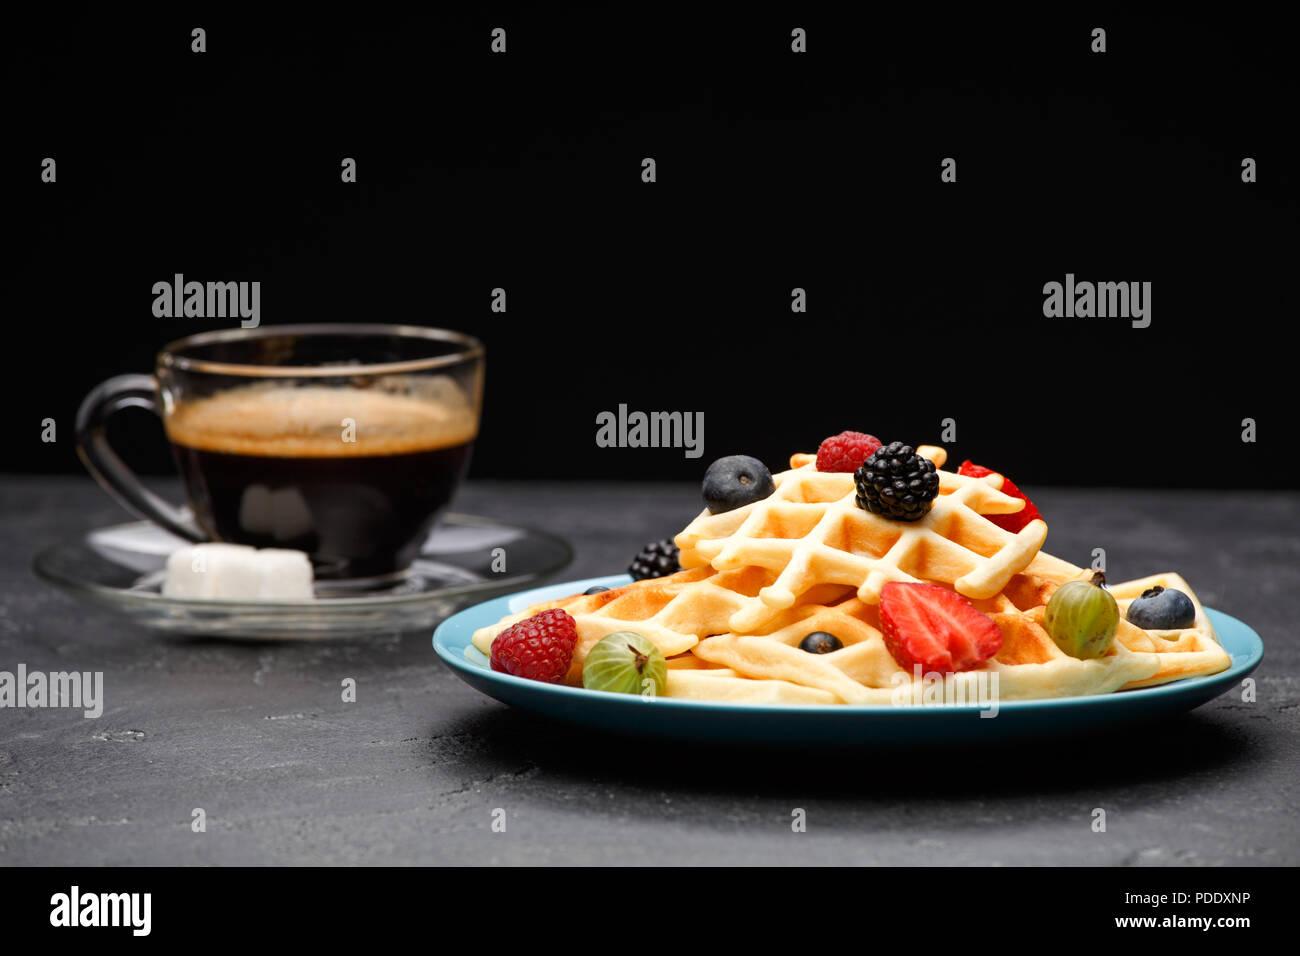 Photo de tasse de café avec du sucre avec des gaufres viennois avec fraises, framboises Photo Stock